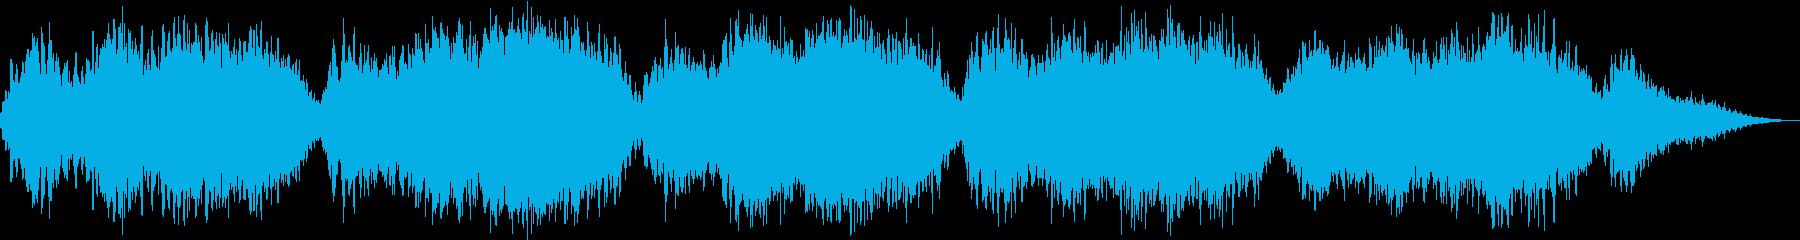 ストレスケアにおすすめのヒーリング音楽の再生済みの波形